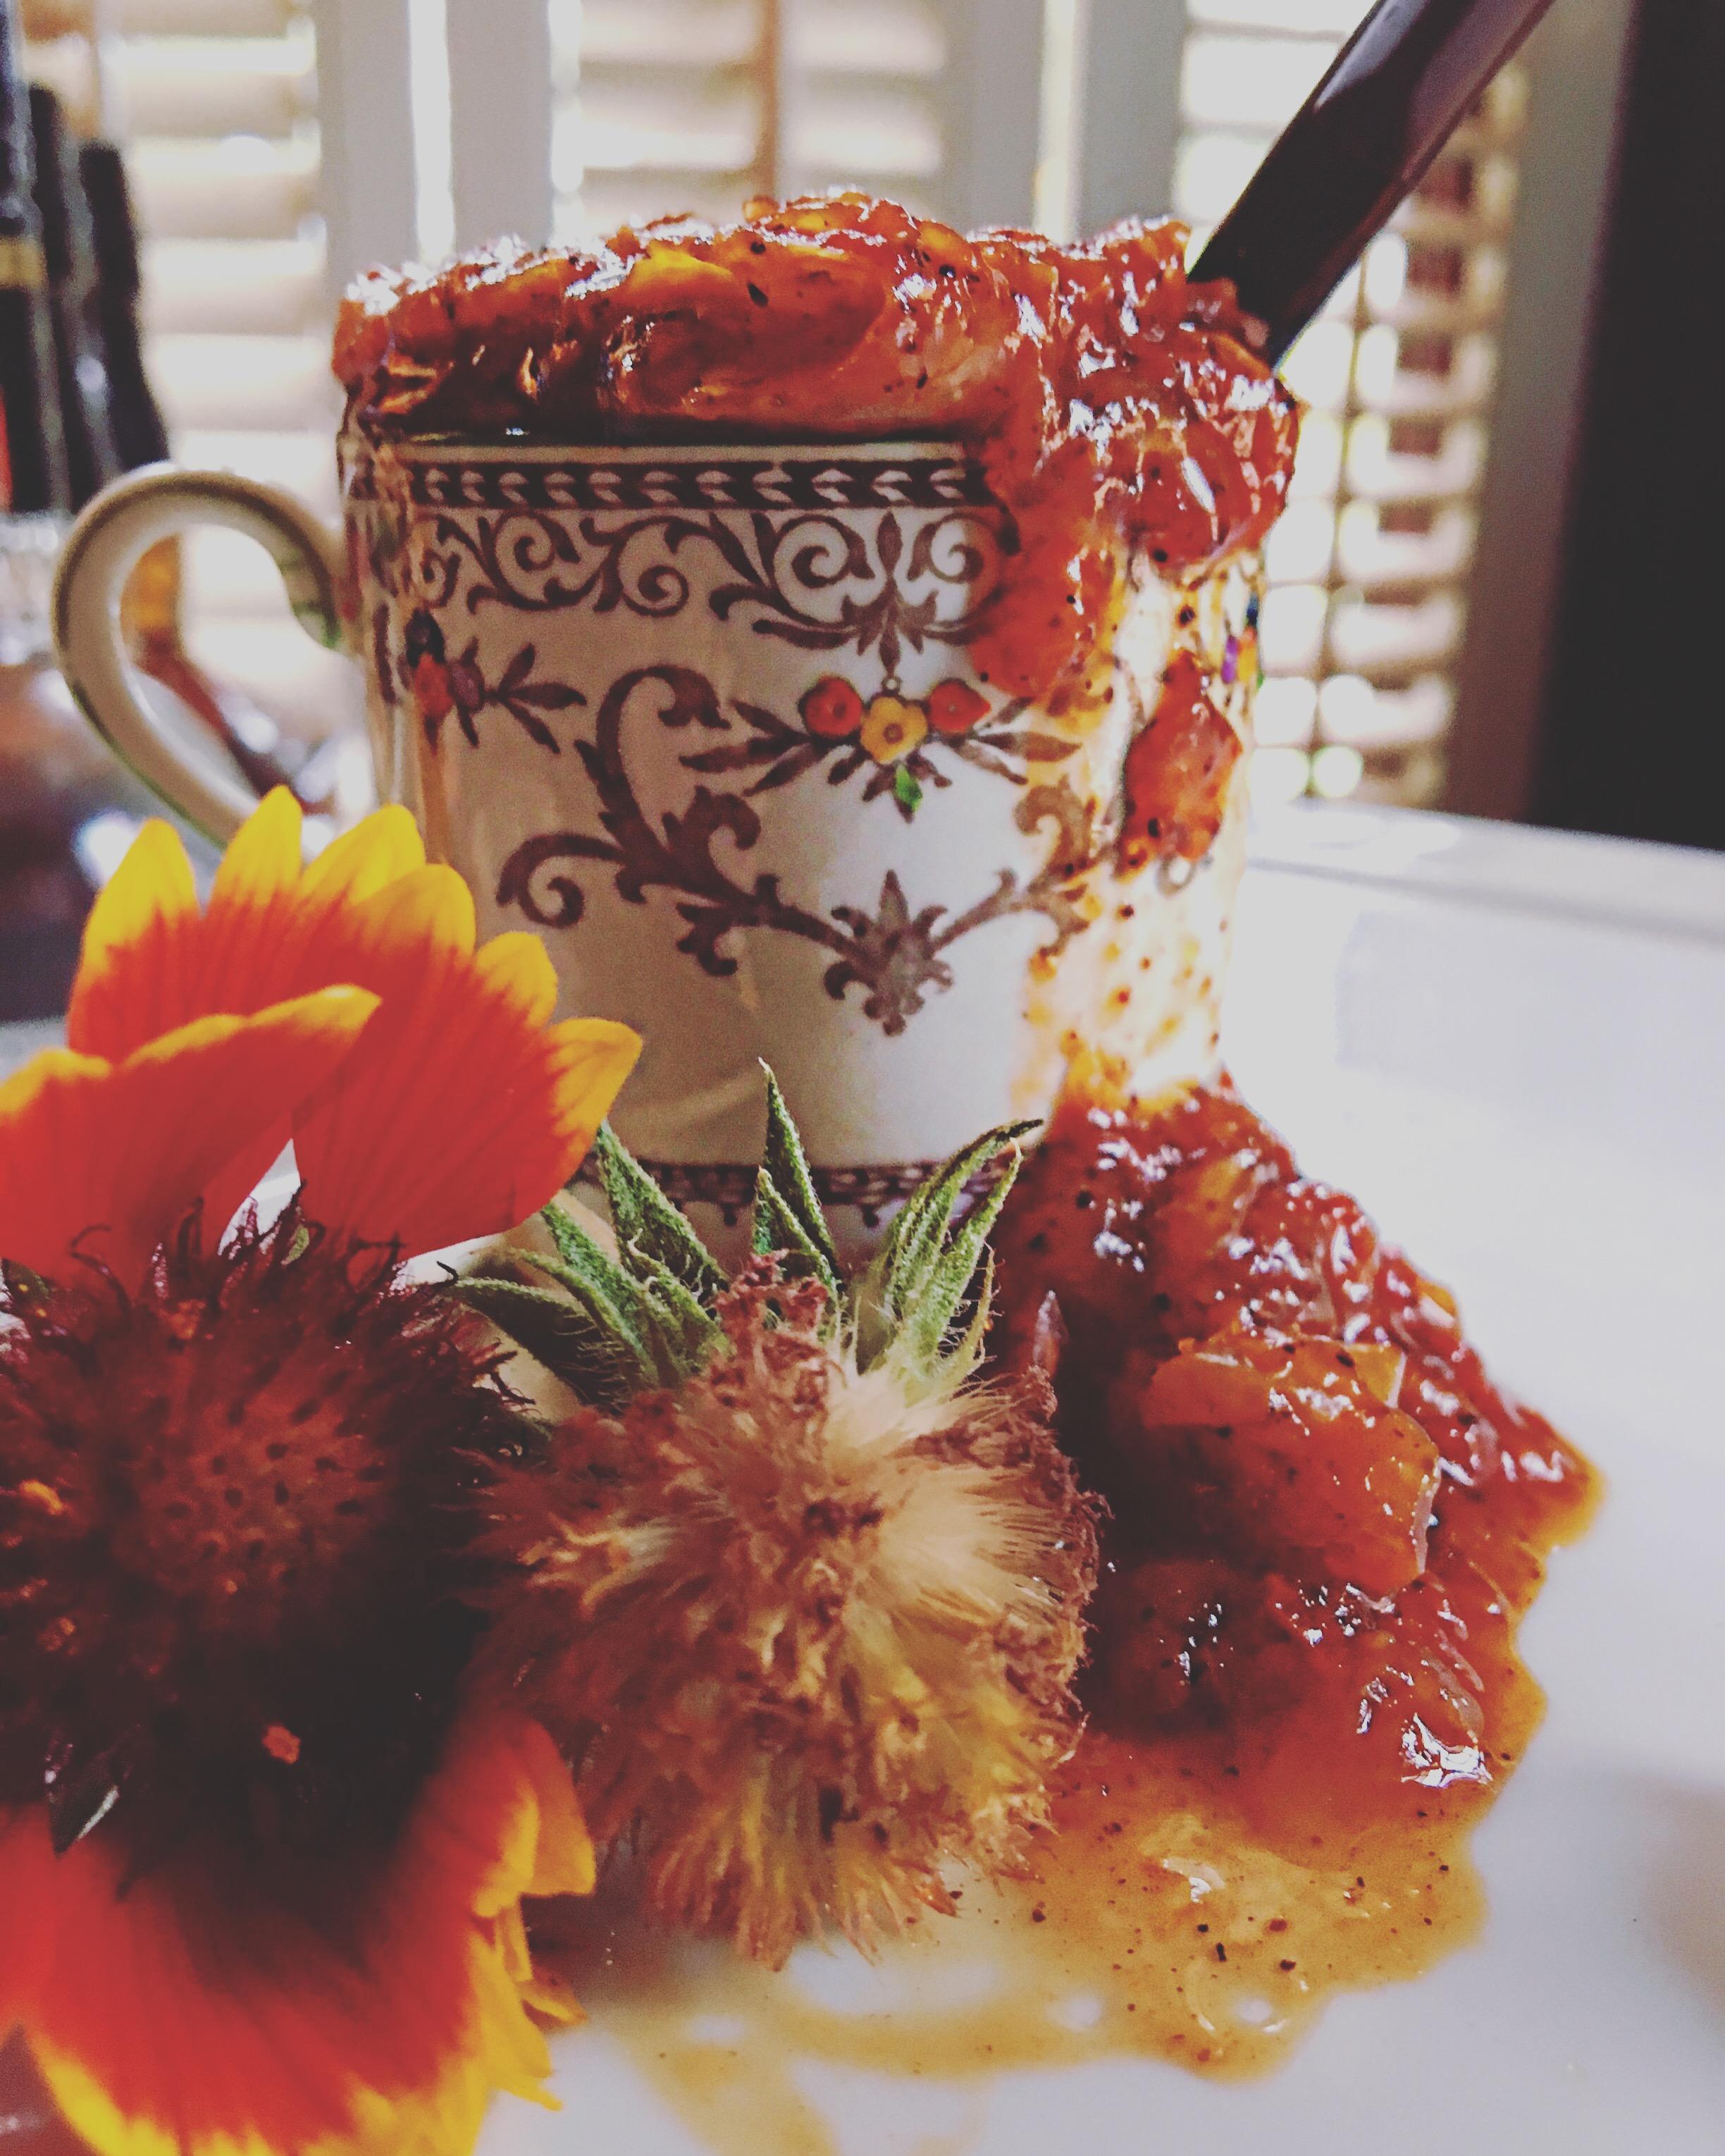 Spicy Tomato & Mango Jam is the JAM!